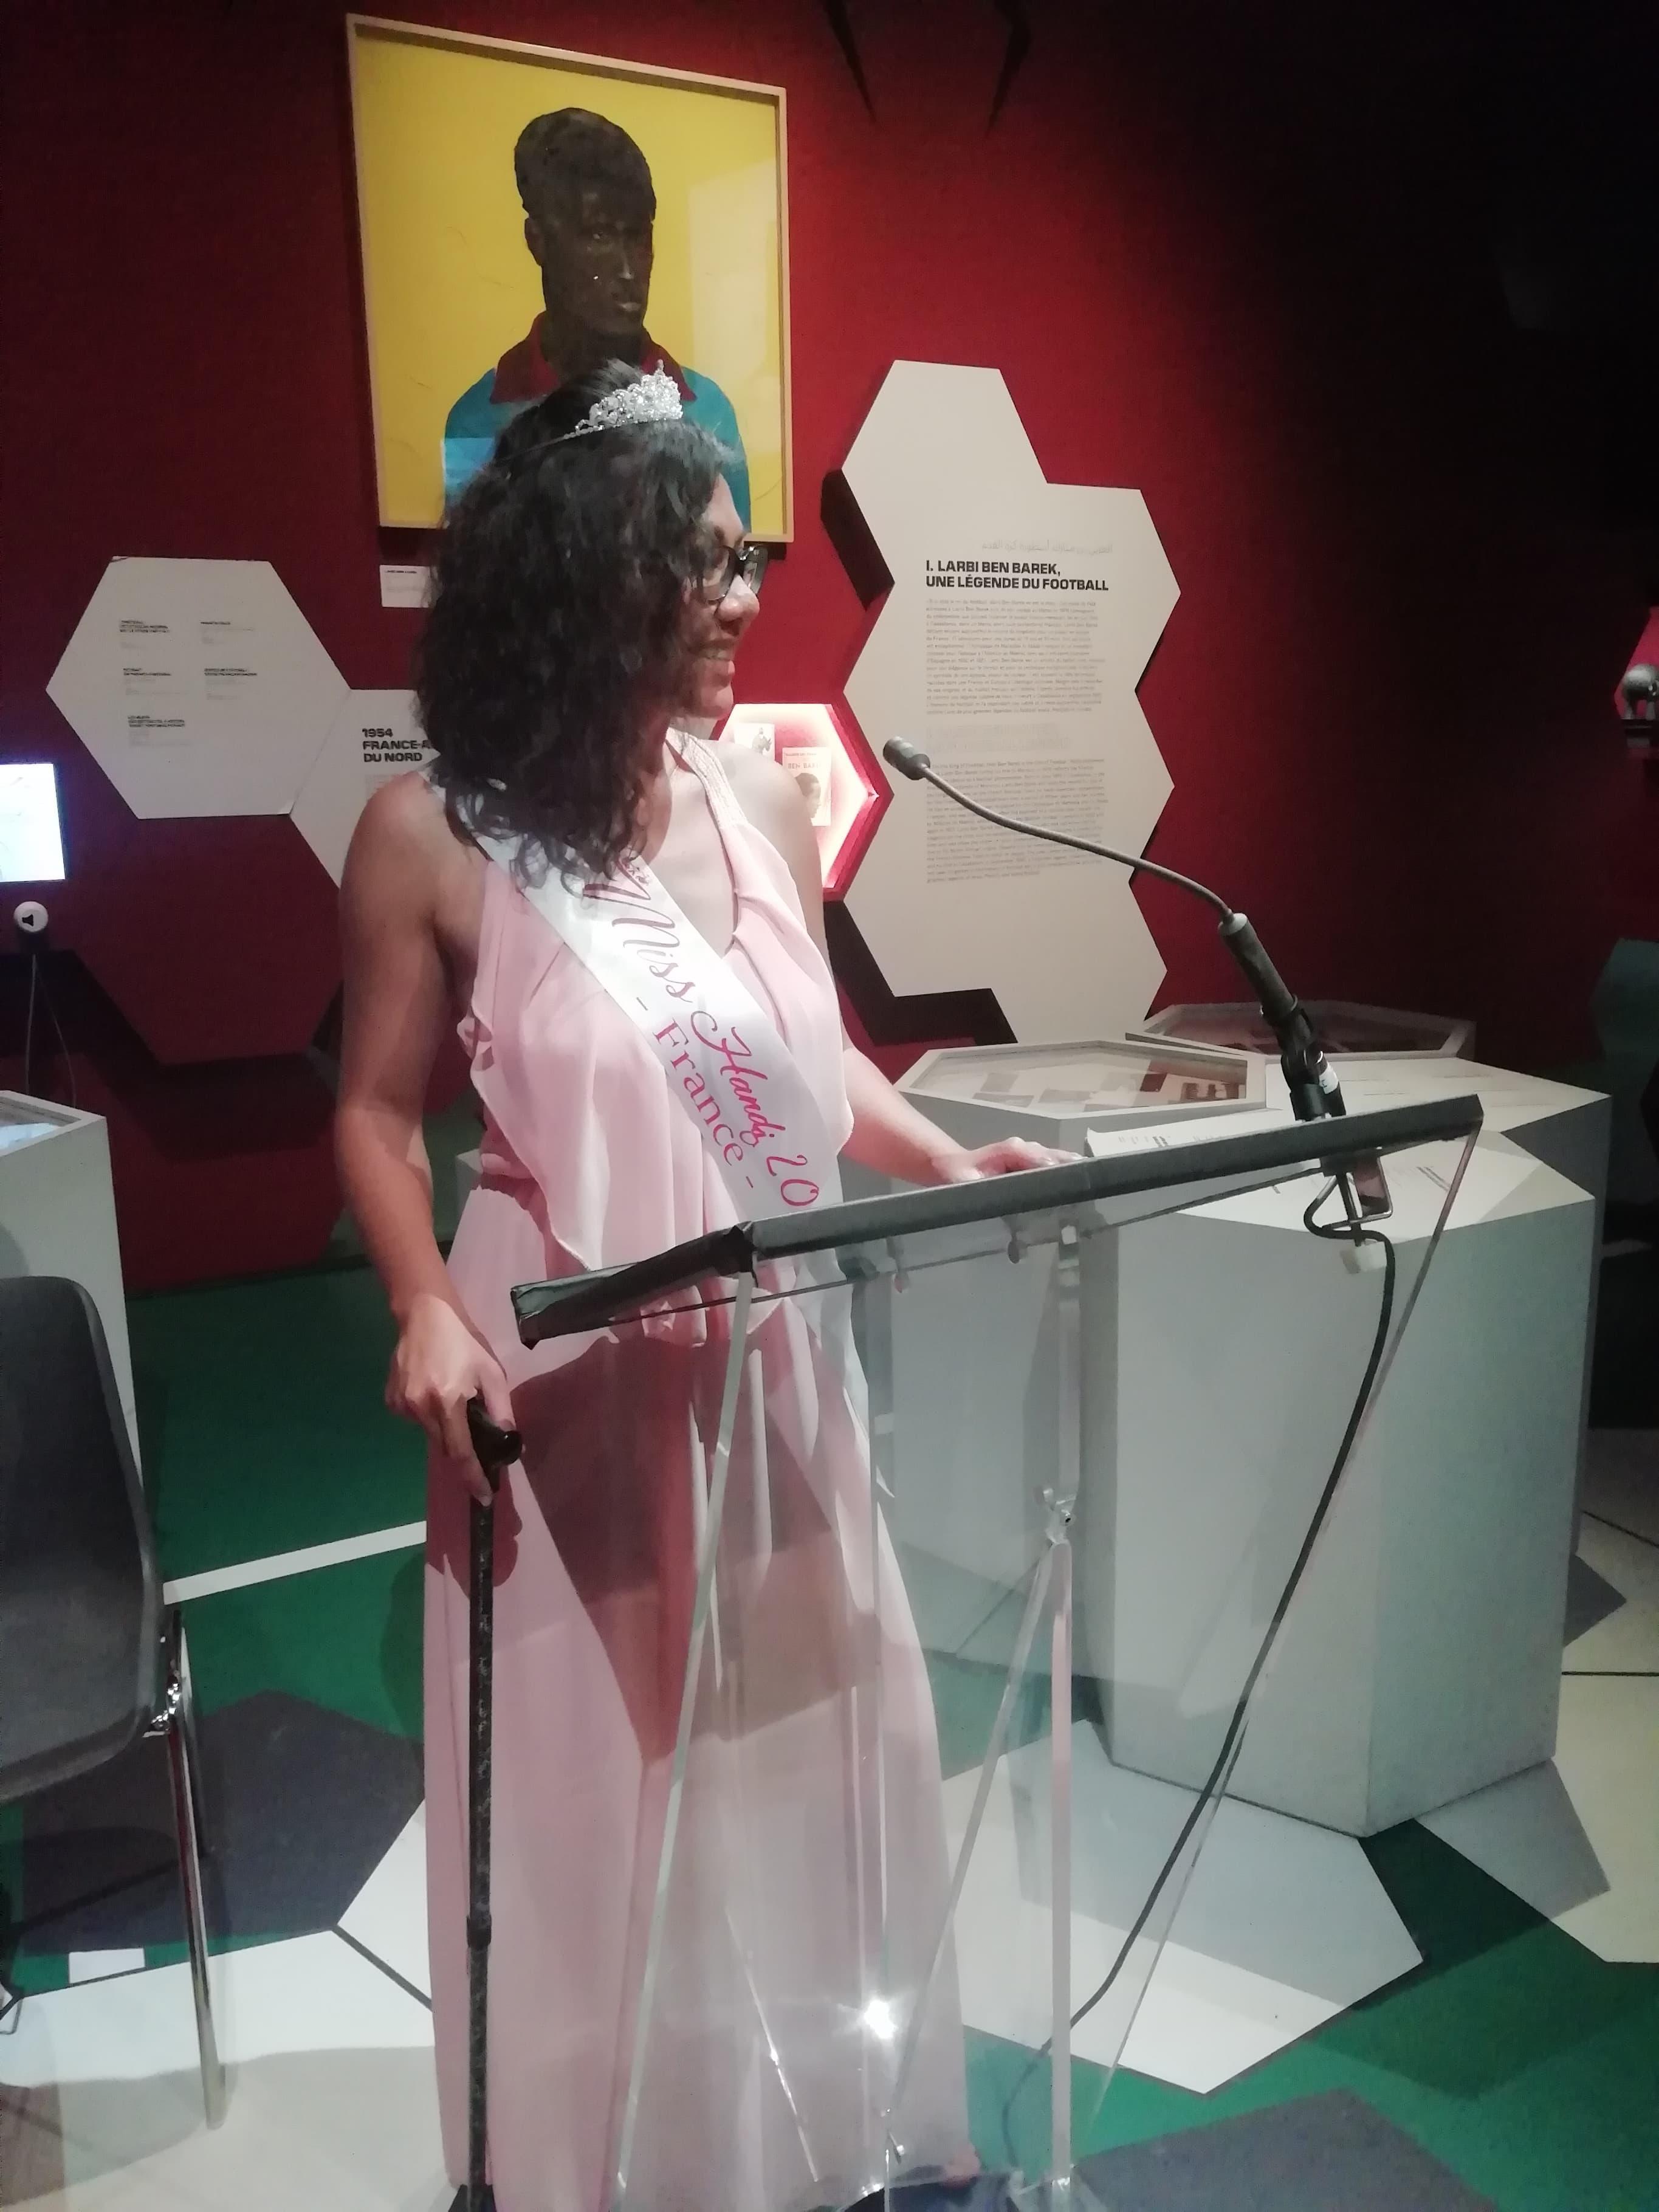 Monique Cugnot lors de sa conférence de presse avec Gislain Boungou-Boko à l'institut du monde arabe à Paris (c) Monique Cugnot